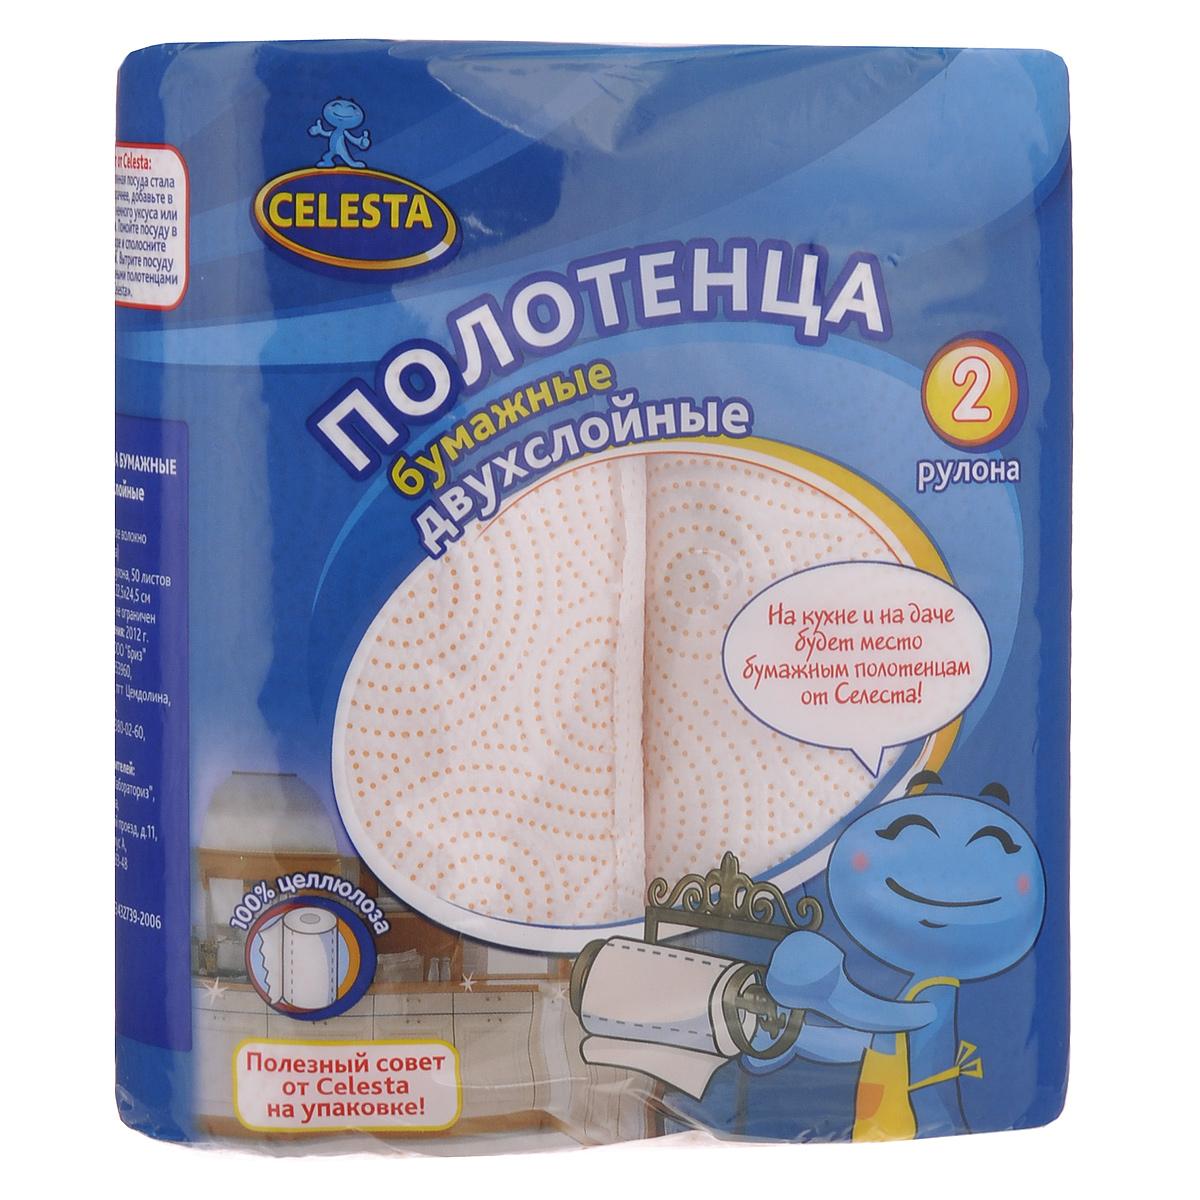 Полотенца бумажные Celesta, двухслойные, цвет: белый, оранжевый, 2 рулонаPANTERA SPX-2RSДвухслойные бумажные полотенца Celesta, выполненные из 100% целлюлозы, подарят превосходный комфорт и ощущение чистоты и свежести. Бумажные полотенца Celesta - это незаменимый атрибут чистой кухни. Они просты в использовании, их не надо стирать и просто утилизировать. Специальное тиснение улучшает способность материала впитывать влагу, что позволяет полотенцам еще лучше справляться со своей работой. Натуральные материалы, используемые при изготовлении продукции Celesta, безопасны для людей, животных и окружающей среды, не вызывают раздражения и аллергии и не оставляют мелкой бумажной пыли. Классические бумажные полотенца Celesta могут использоваться не только на кухне, но и для других целей, поскольку отлично вытирают руки и убирают грязь с самых разных поверхностей. Стол, пол, подоконник - все будет чистым и свежим, а полотенце просто отправится в ведро. Товар сертифицирован.